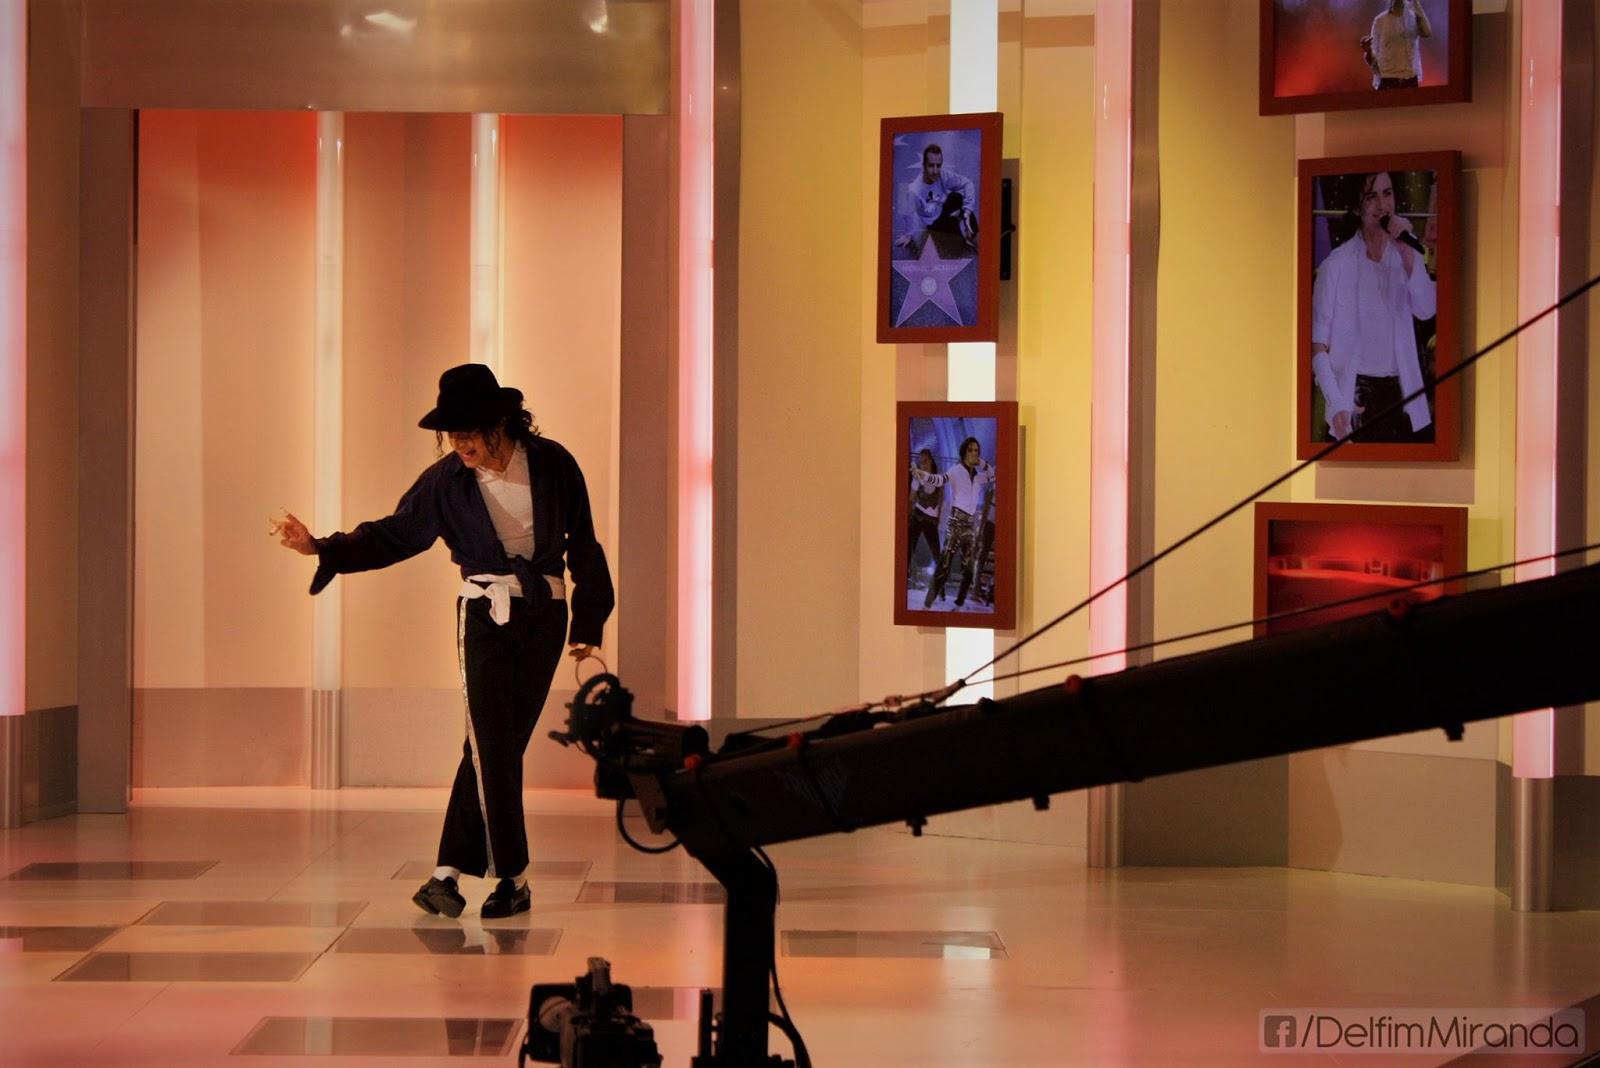 Delfim Miranda - Michael Jackson Tribute - The Way You Make Me Feel - Live on TV - TVI